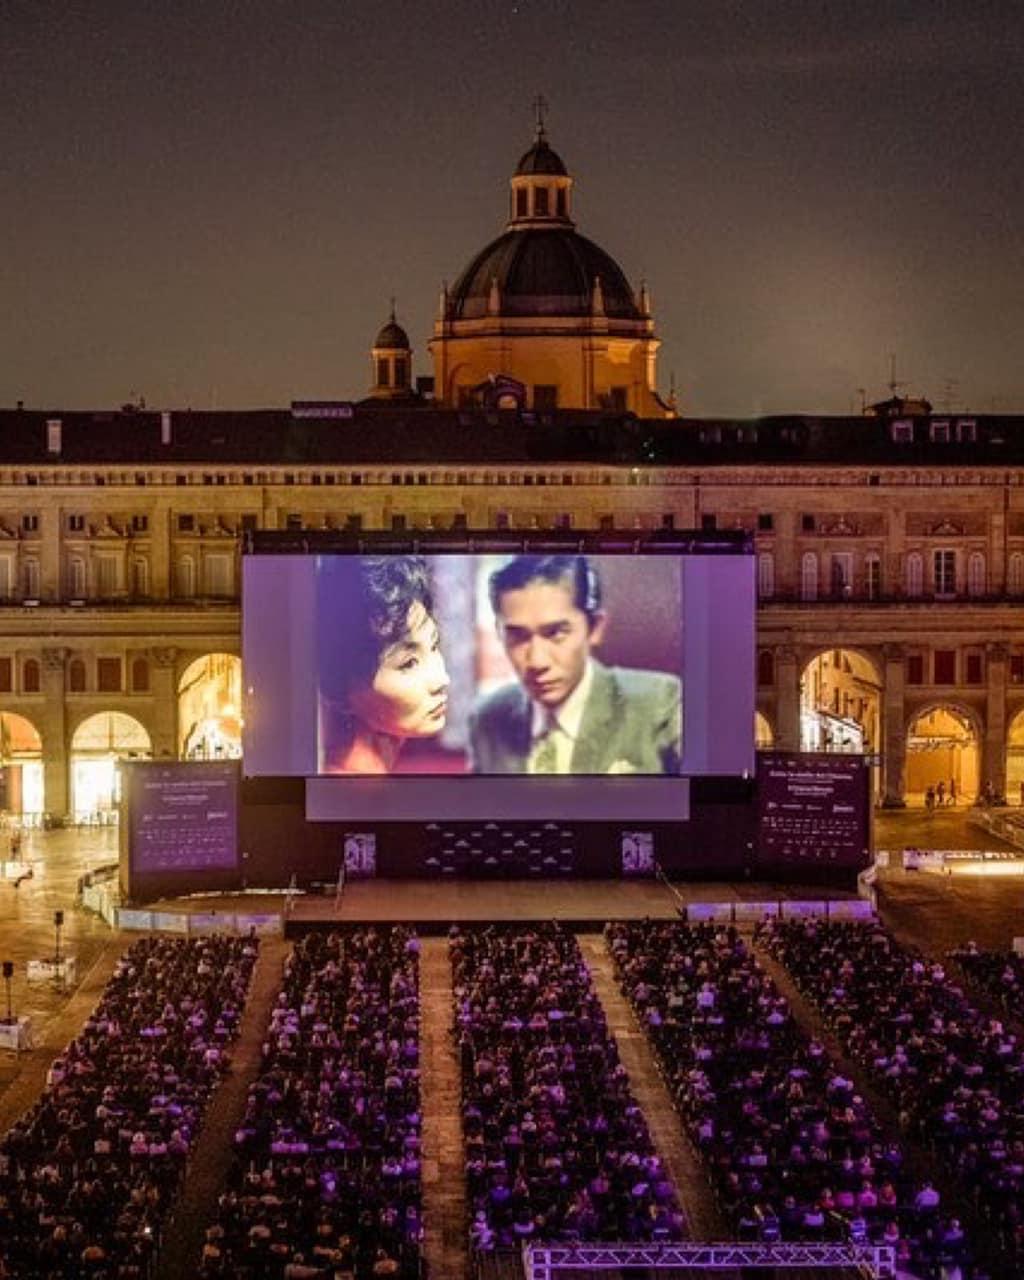 6月底於意大利Piazza Maggiore電影資料館舉行露天電影節,第一週便是在星空下播映王家衛的《花樣年華》。